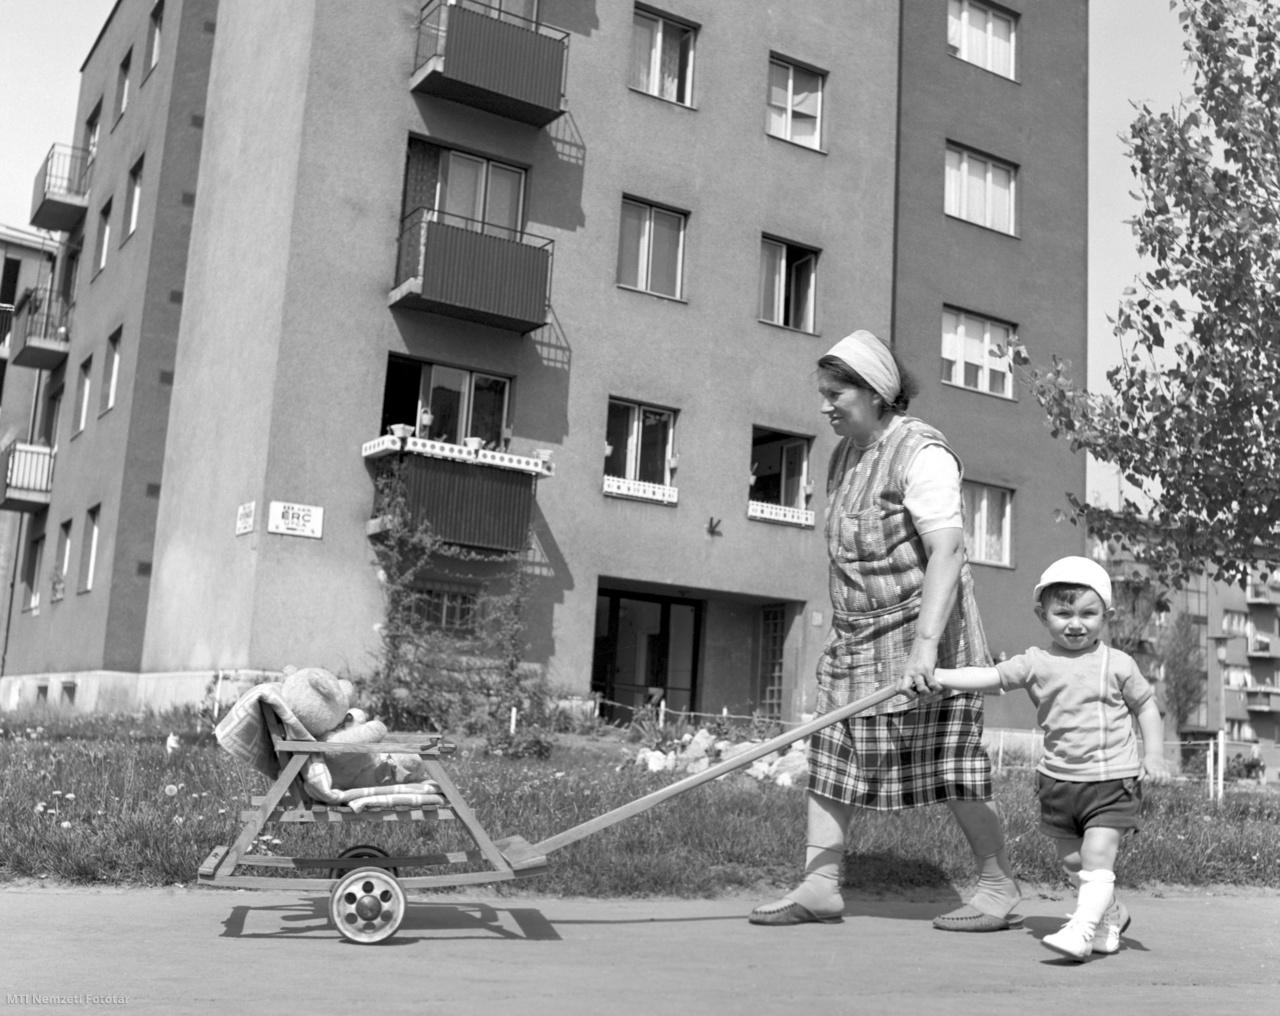 A nagypapa által épített kis kocsit toló nő sétál unokájával, Füredy Jánossal az  óbudai Érc utcai kísérleti lakótelepen 1969. május 6-án. Óbuda nagy változások előtt állt. Az 1968-ban lebontott régi földszintes házak helyén megkezdték a házgyári lakóházak építését